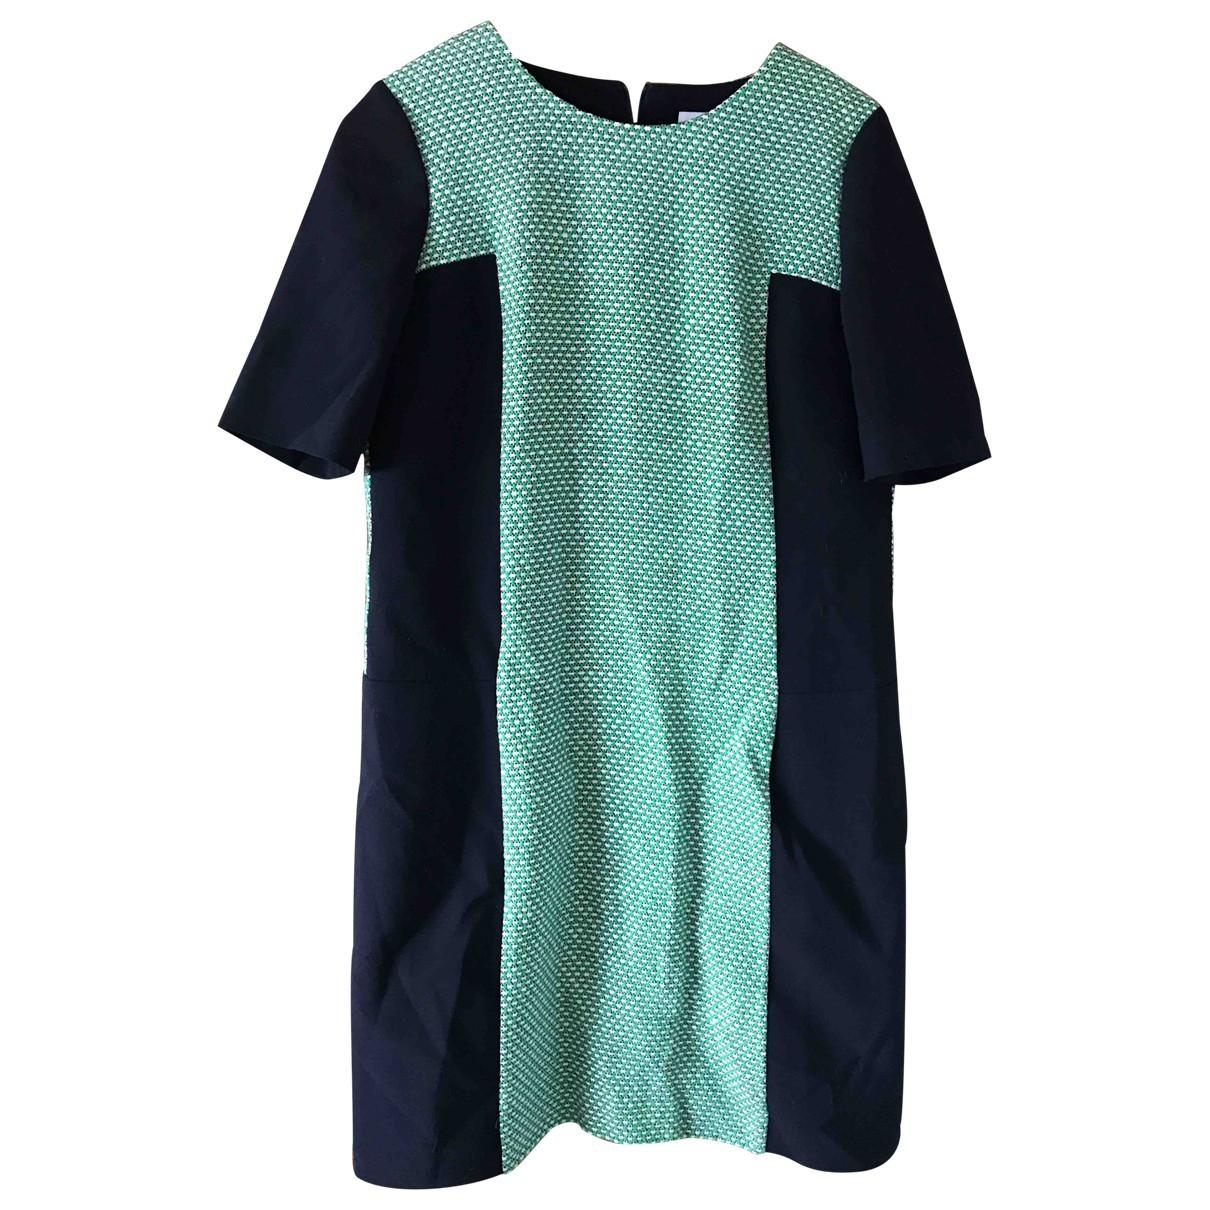 Jaeger \N Kleid in  Gruen Baumwolle